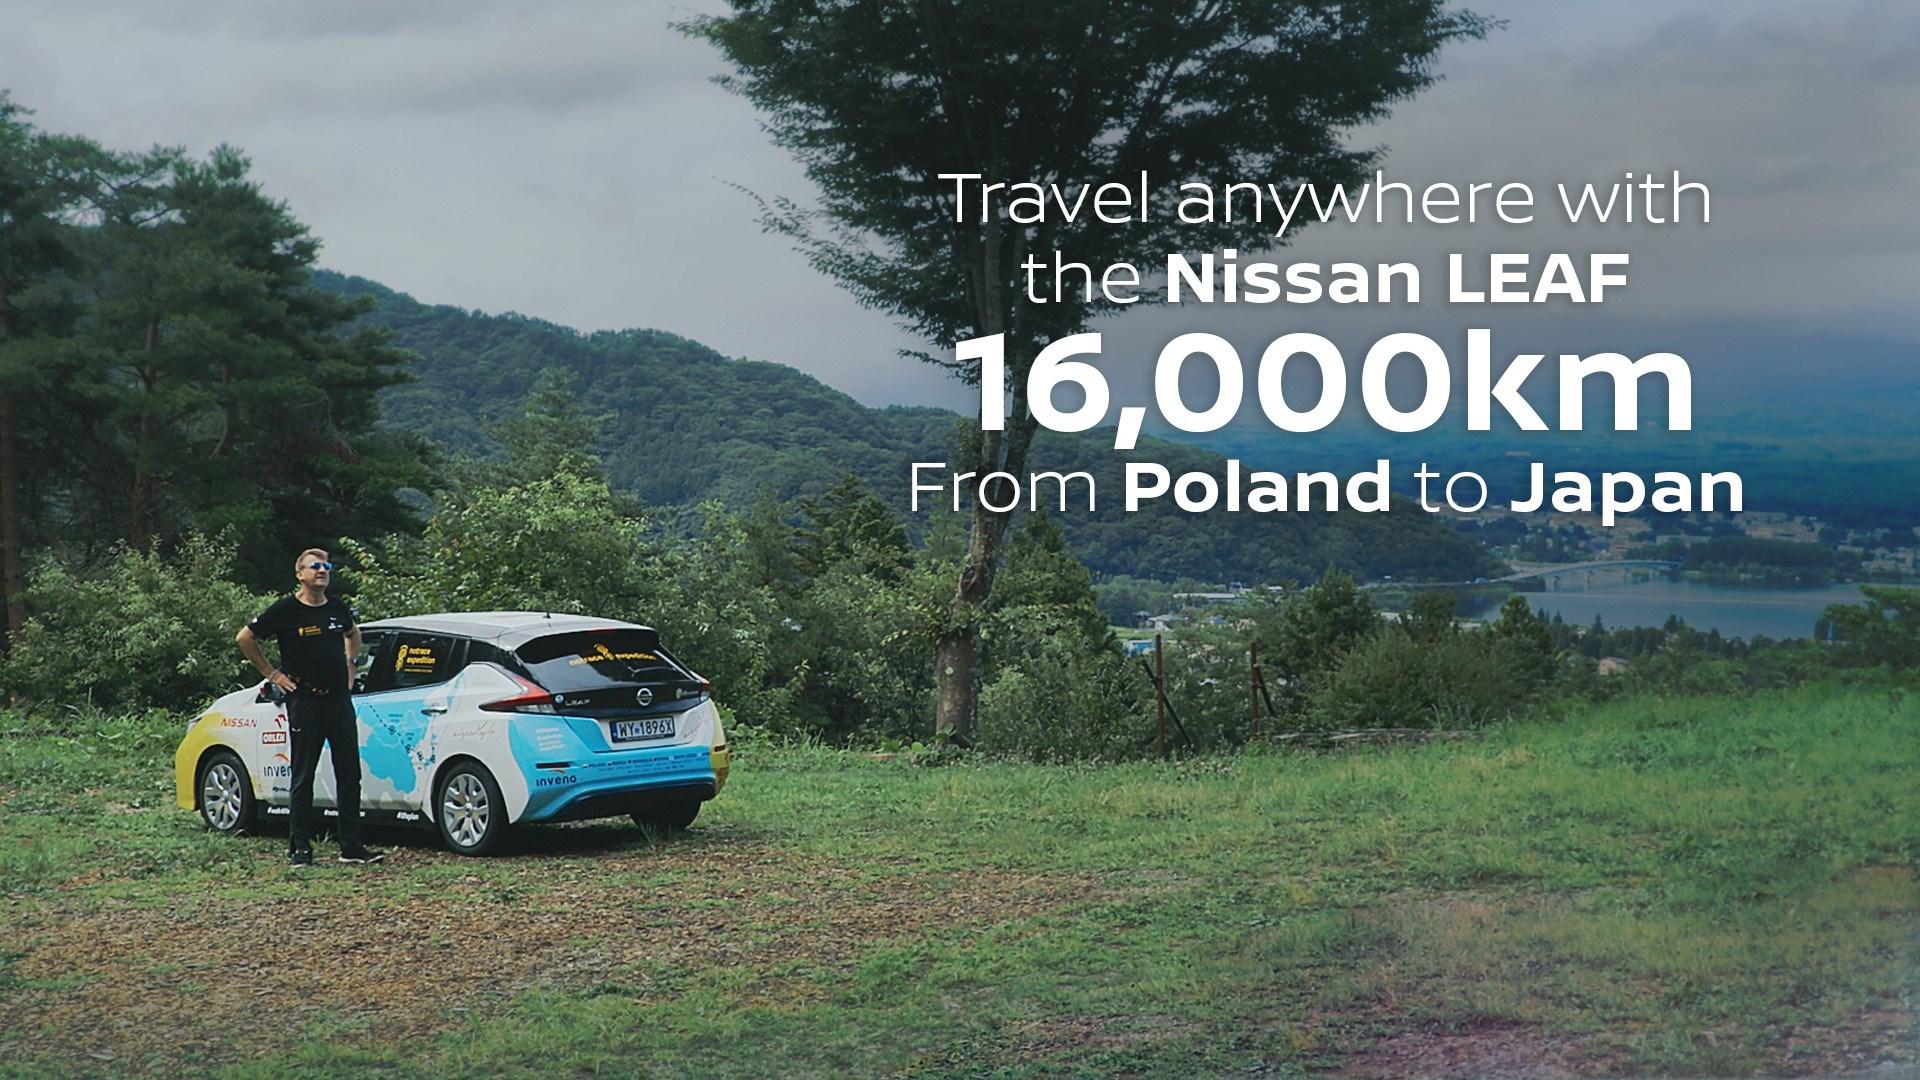 Maadeavastaja jõudis uue Nissan LEAFiga kontinentidevahelisel seiklusel 16 000 kilomeetri verstapostini